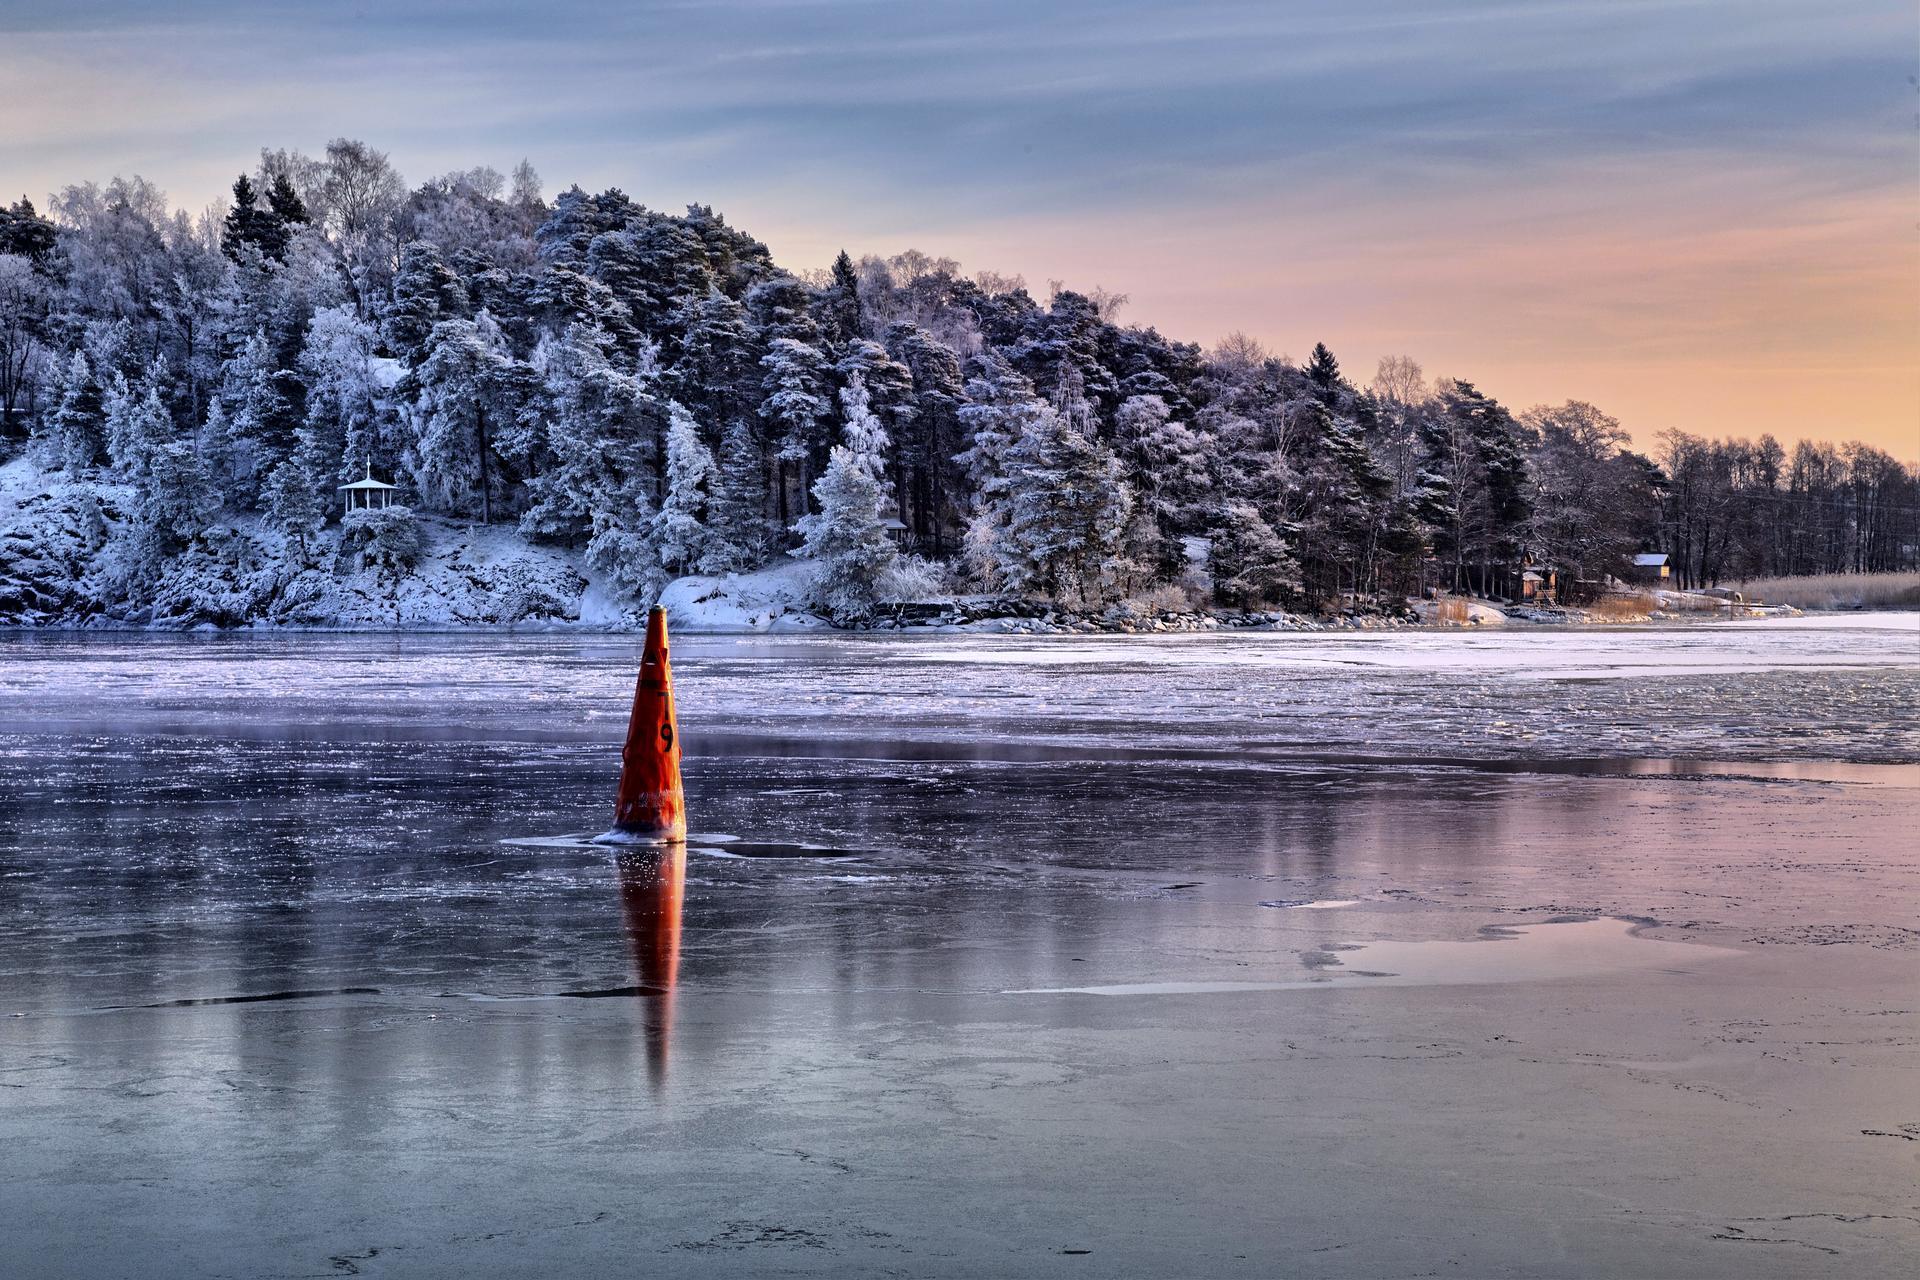 Tammikuinen väylä. (Kuva: Timo Oksanen, 2016)